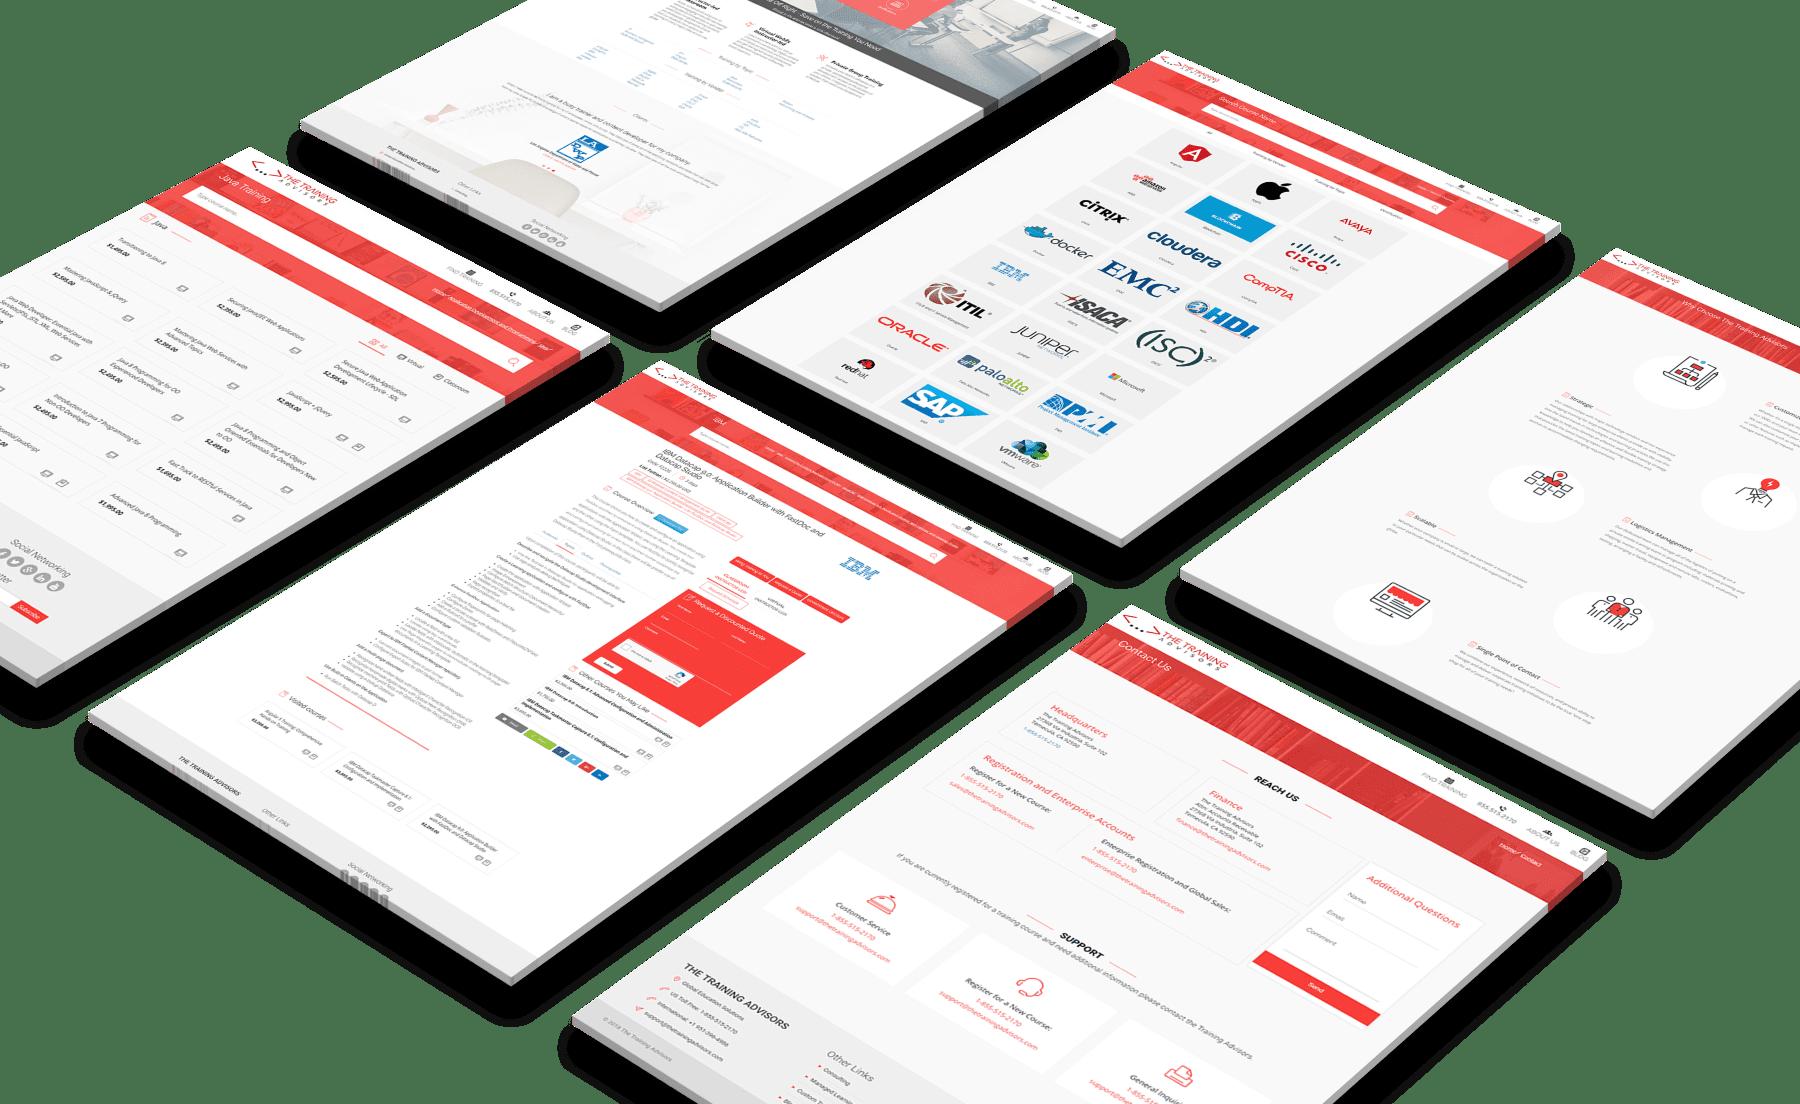 The Training Advisors Website Design